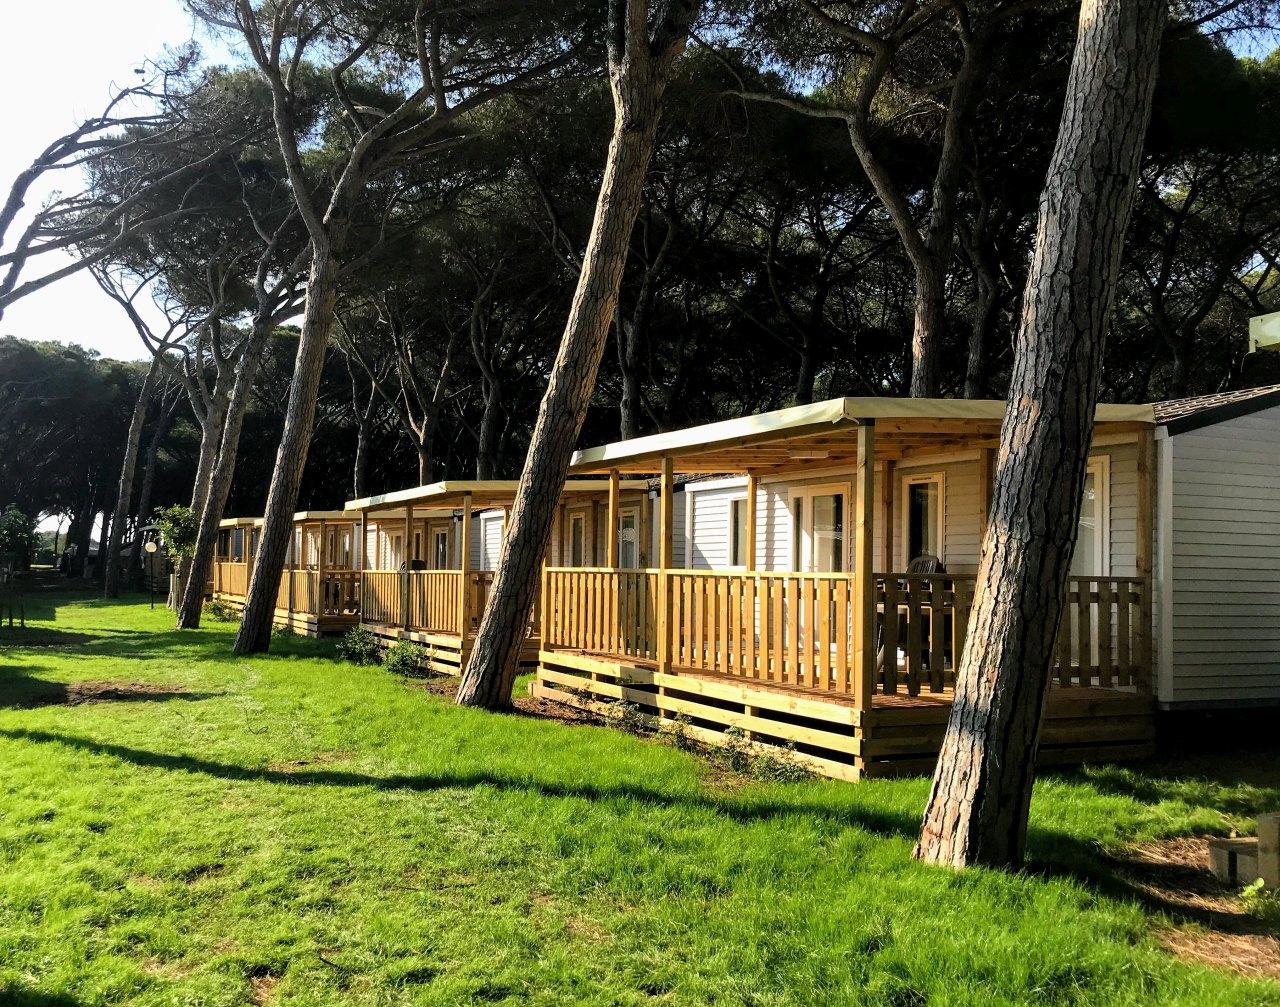 2a. California Camping Village - Montalto di Castro (VT)